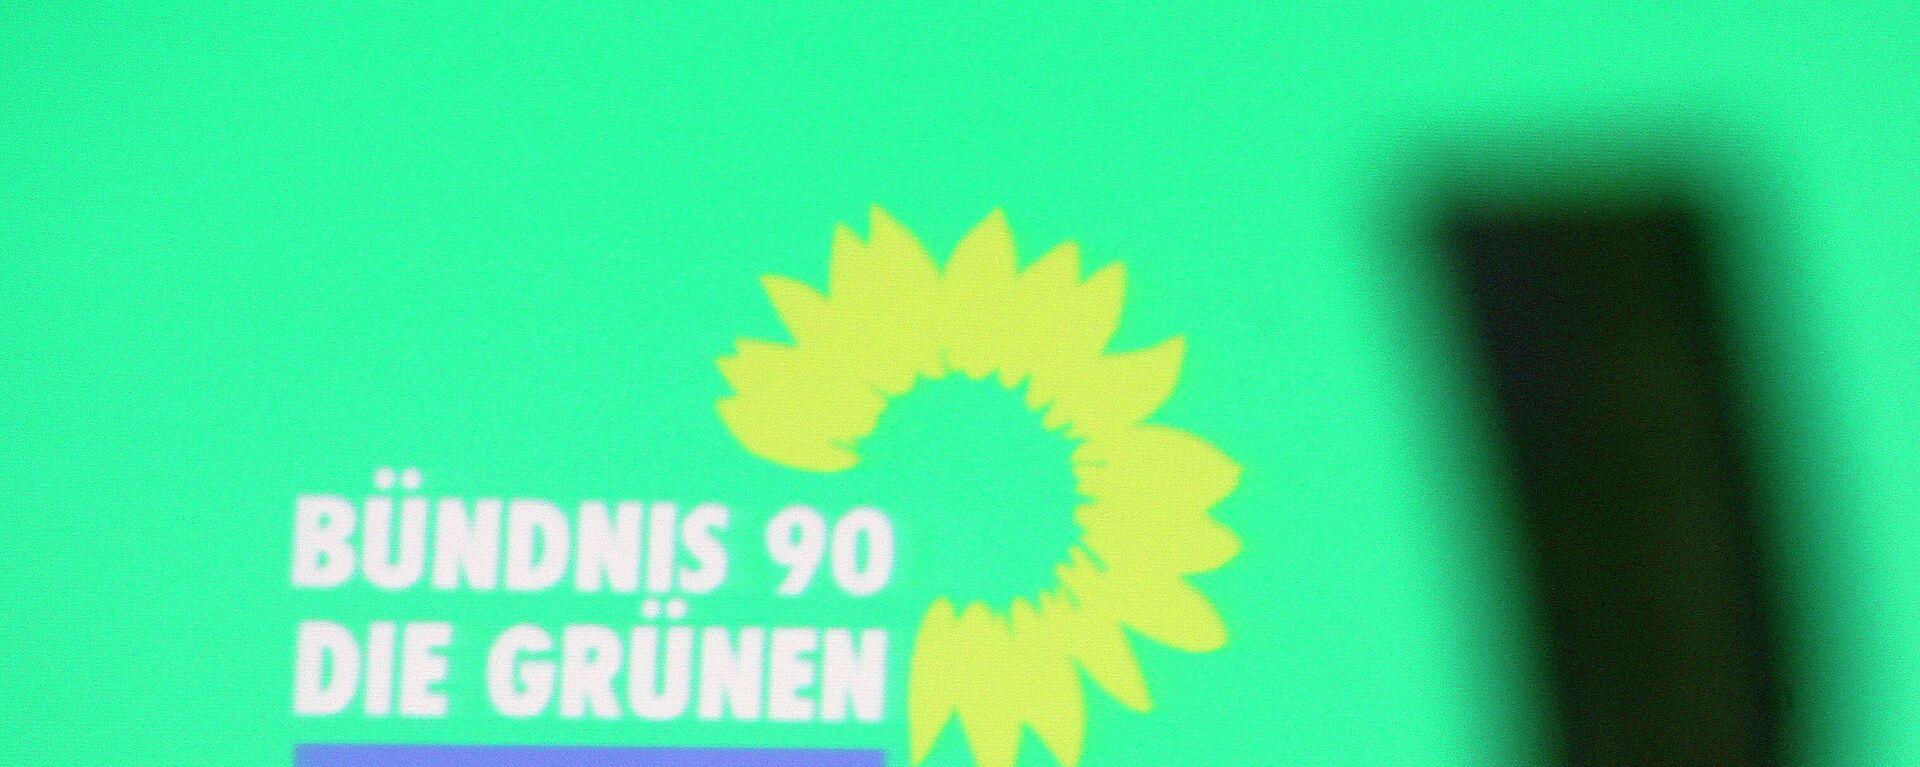 Das Logo der Partei Bündnis 90/Die Grünen - SNA, 1920, 08.09.2021